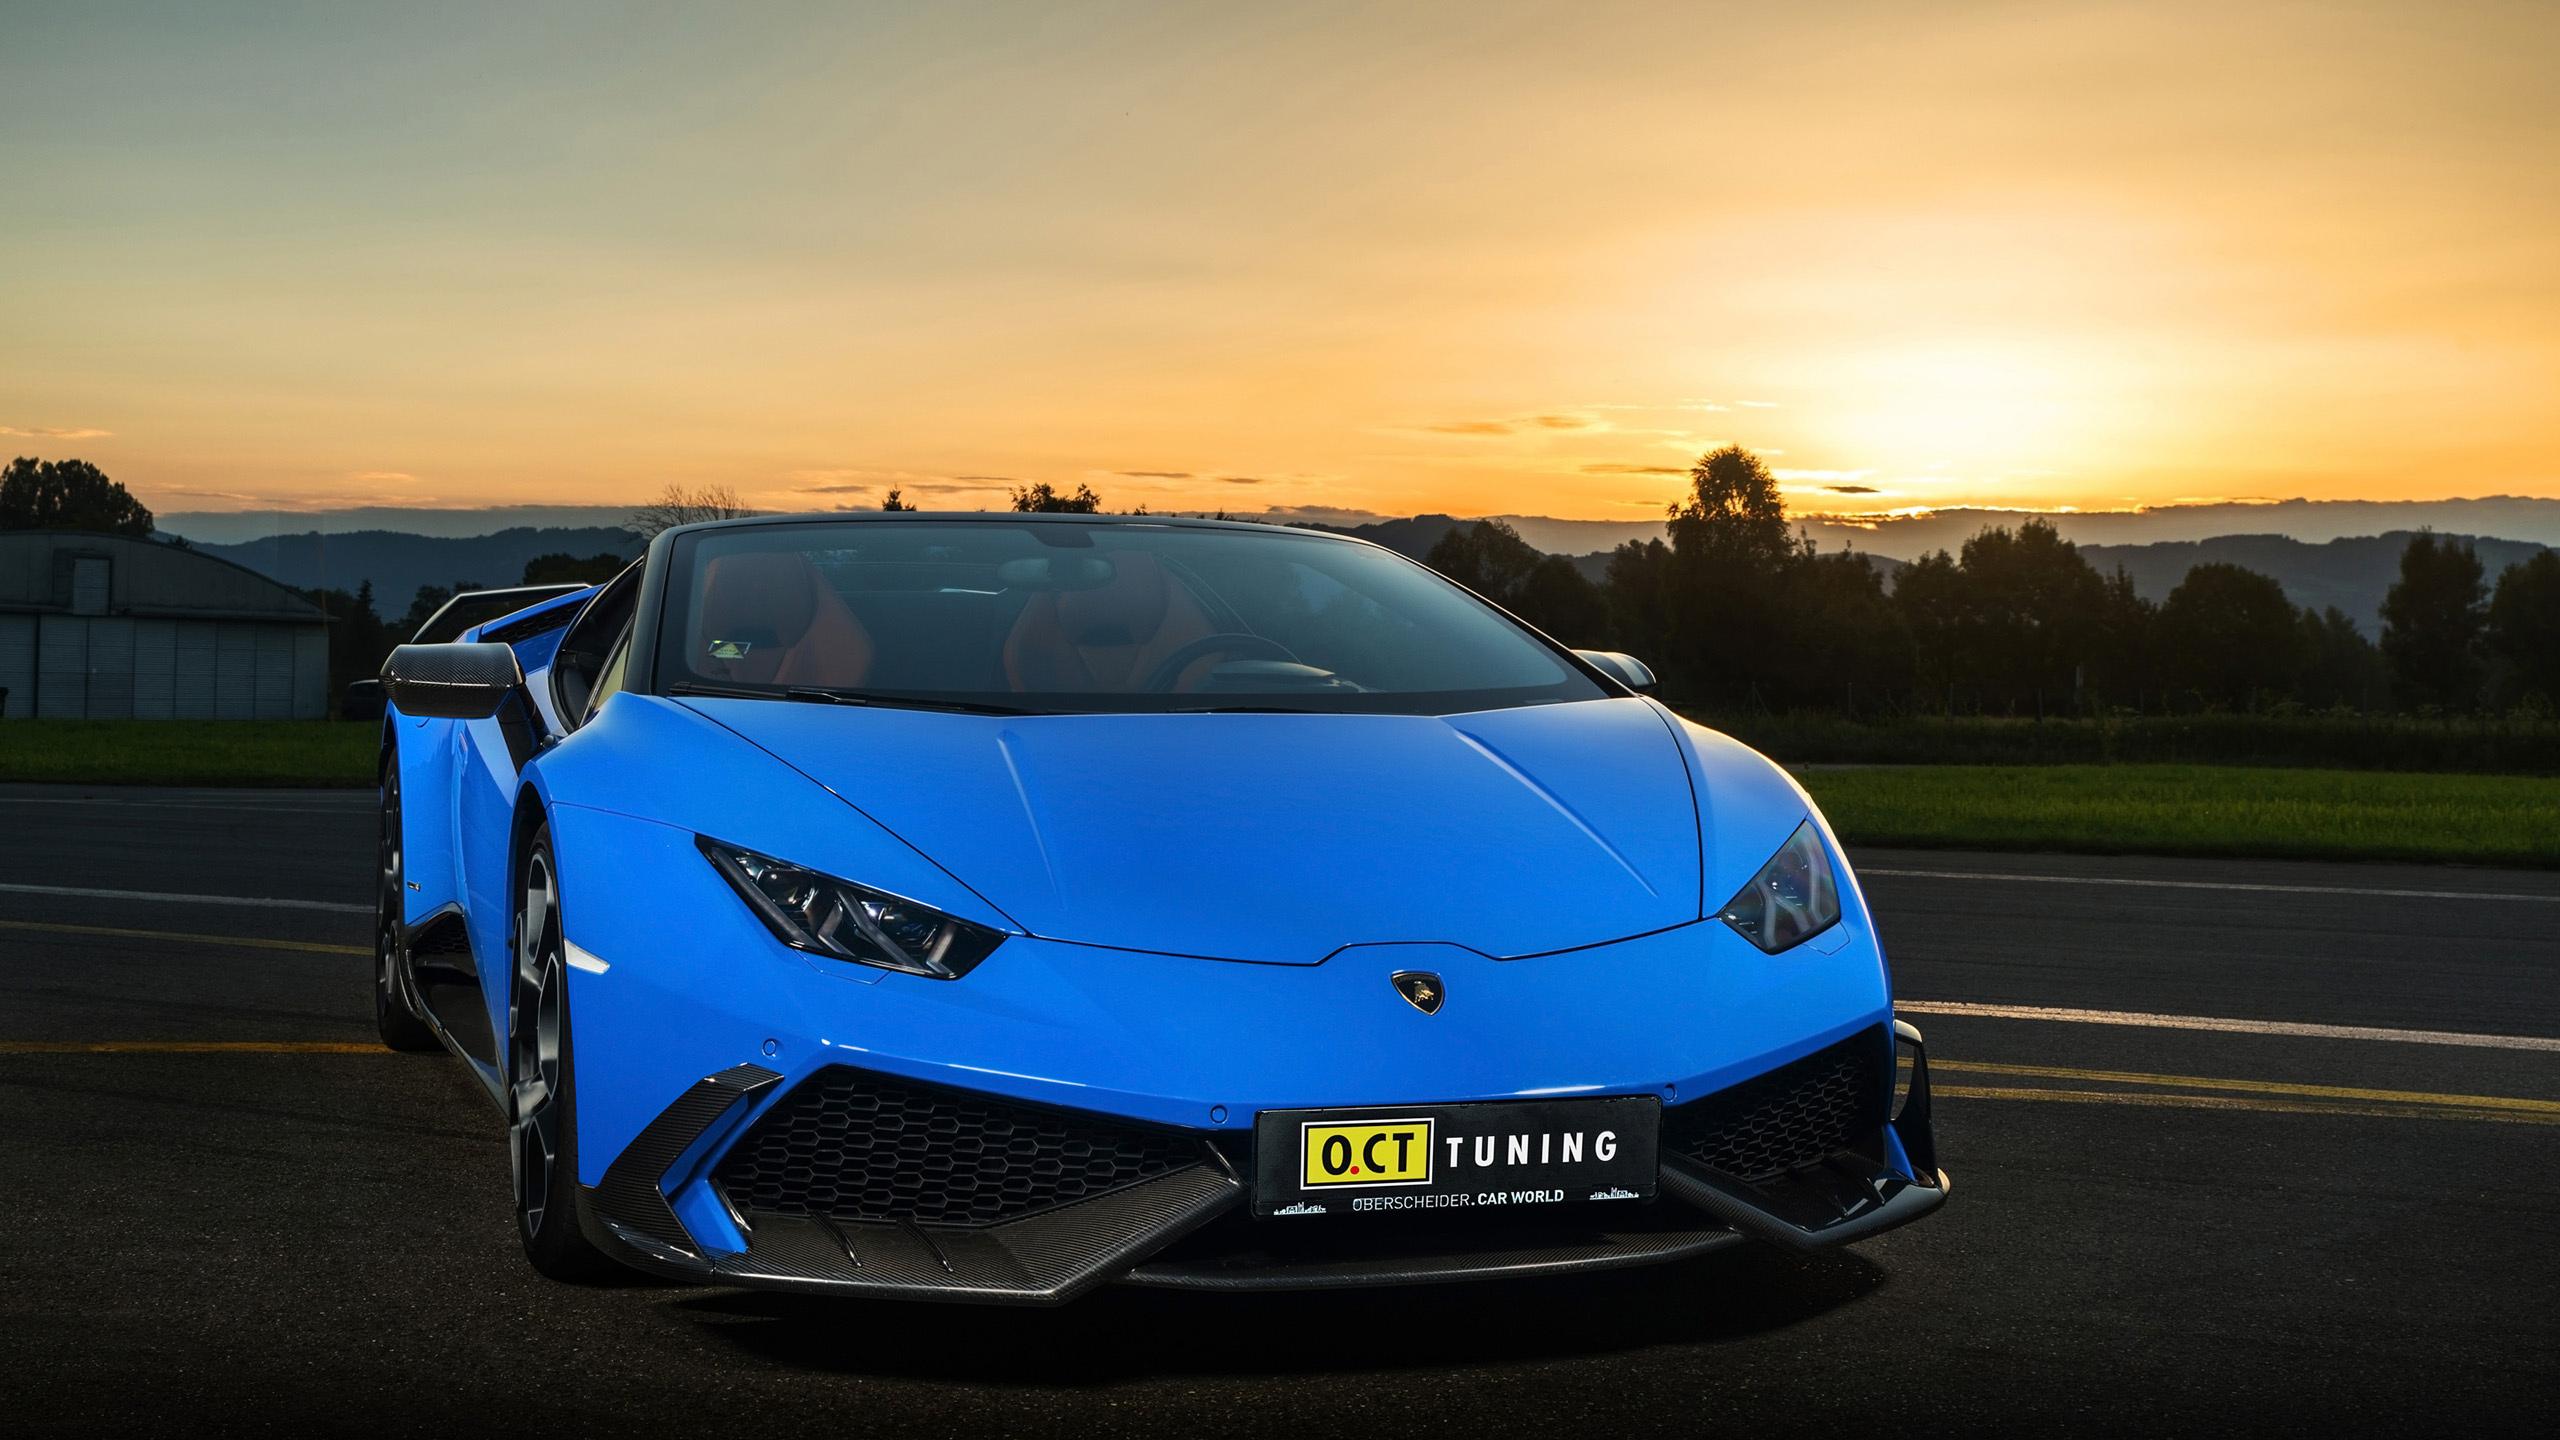 2017 oct tuning lamborghini huracan 2 - Lamborghini Huracan Hd Wallpapers 1080p